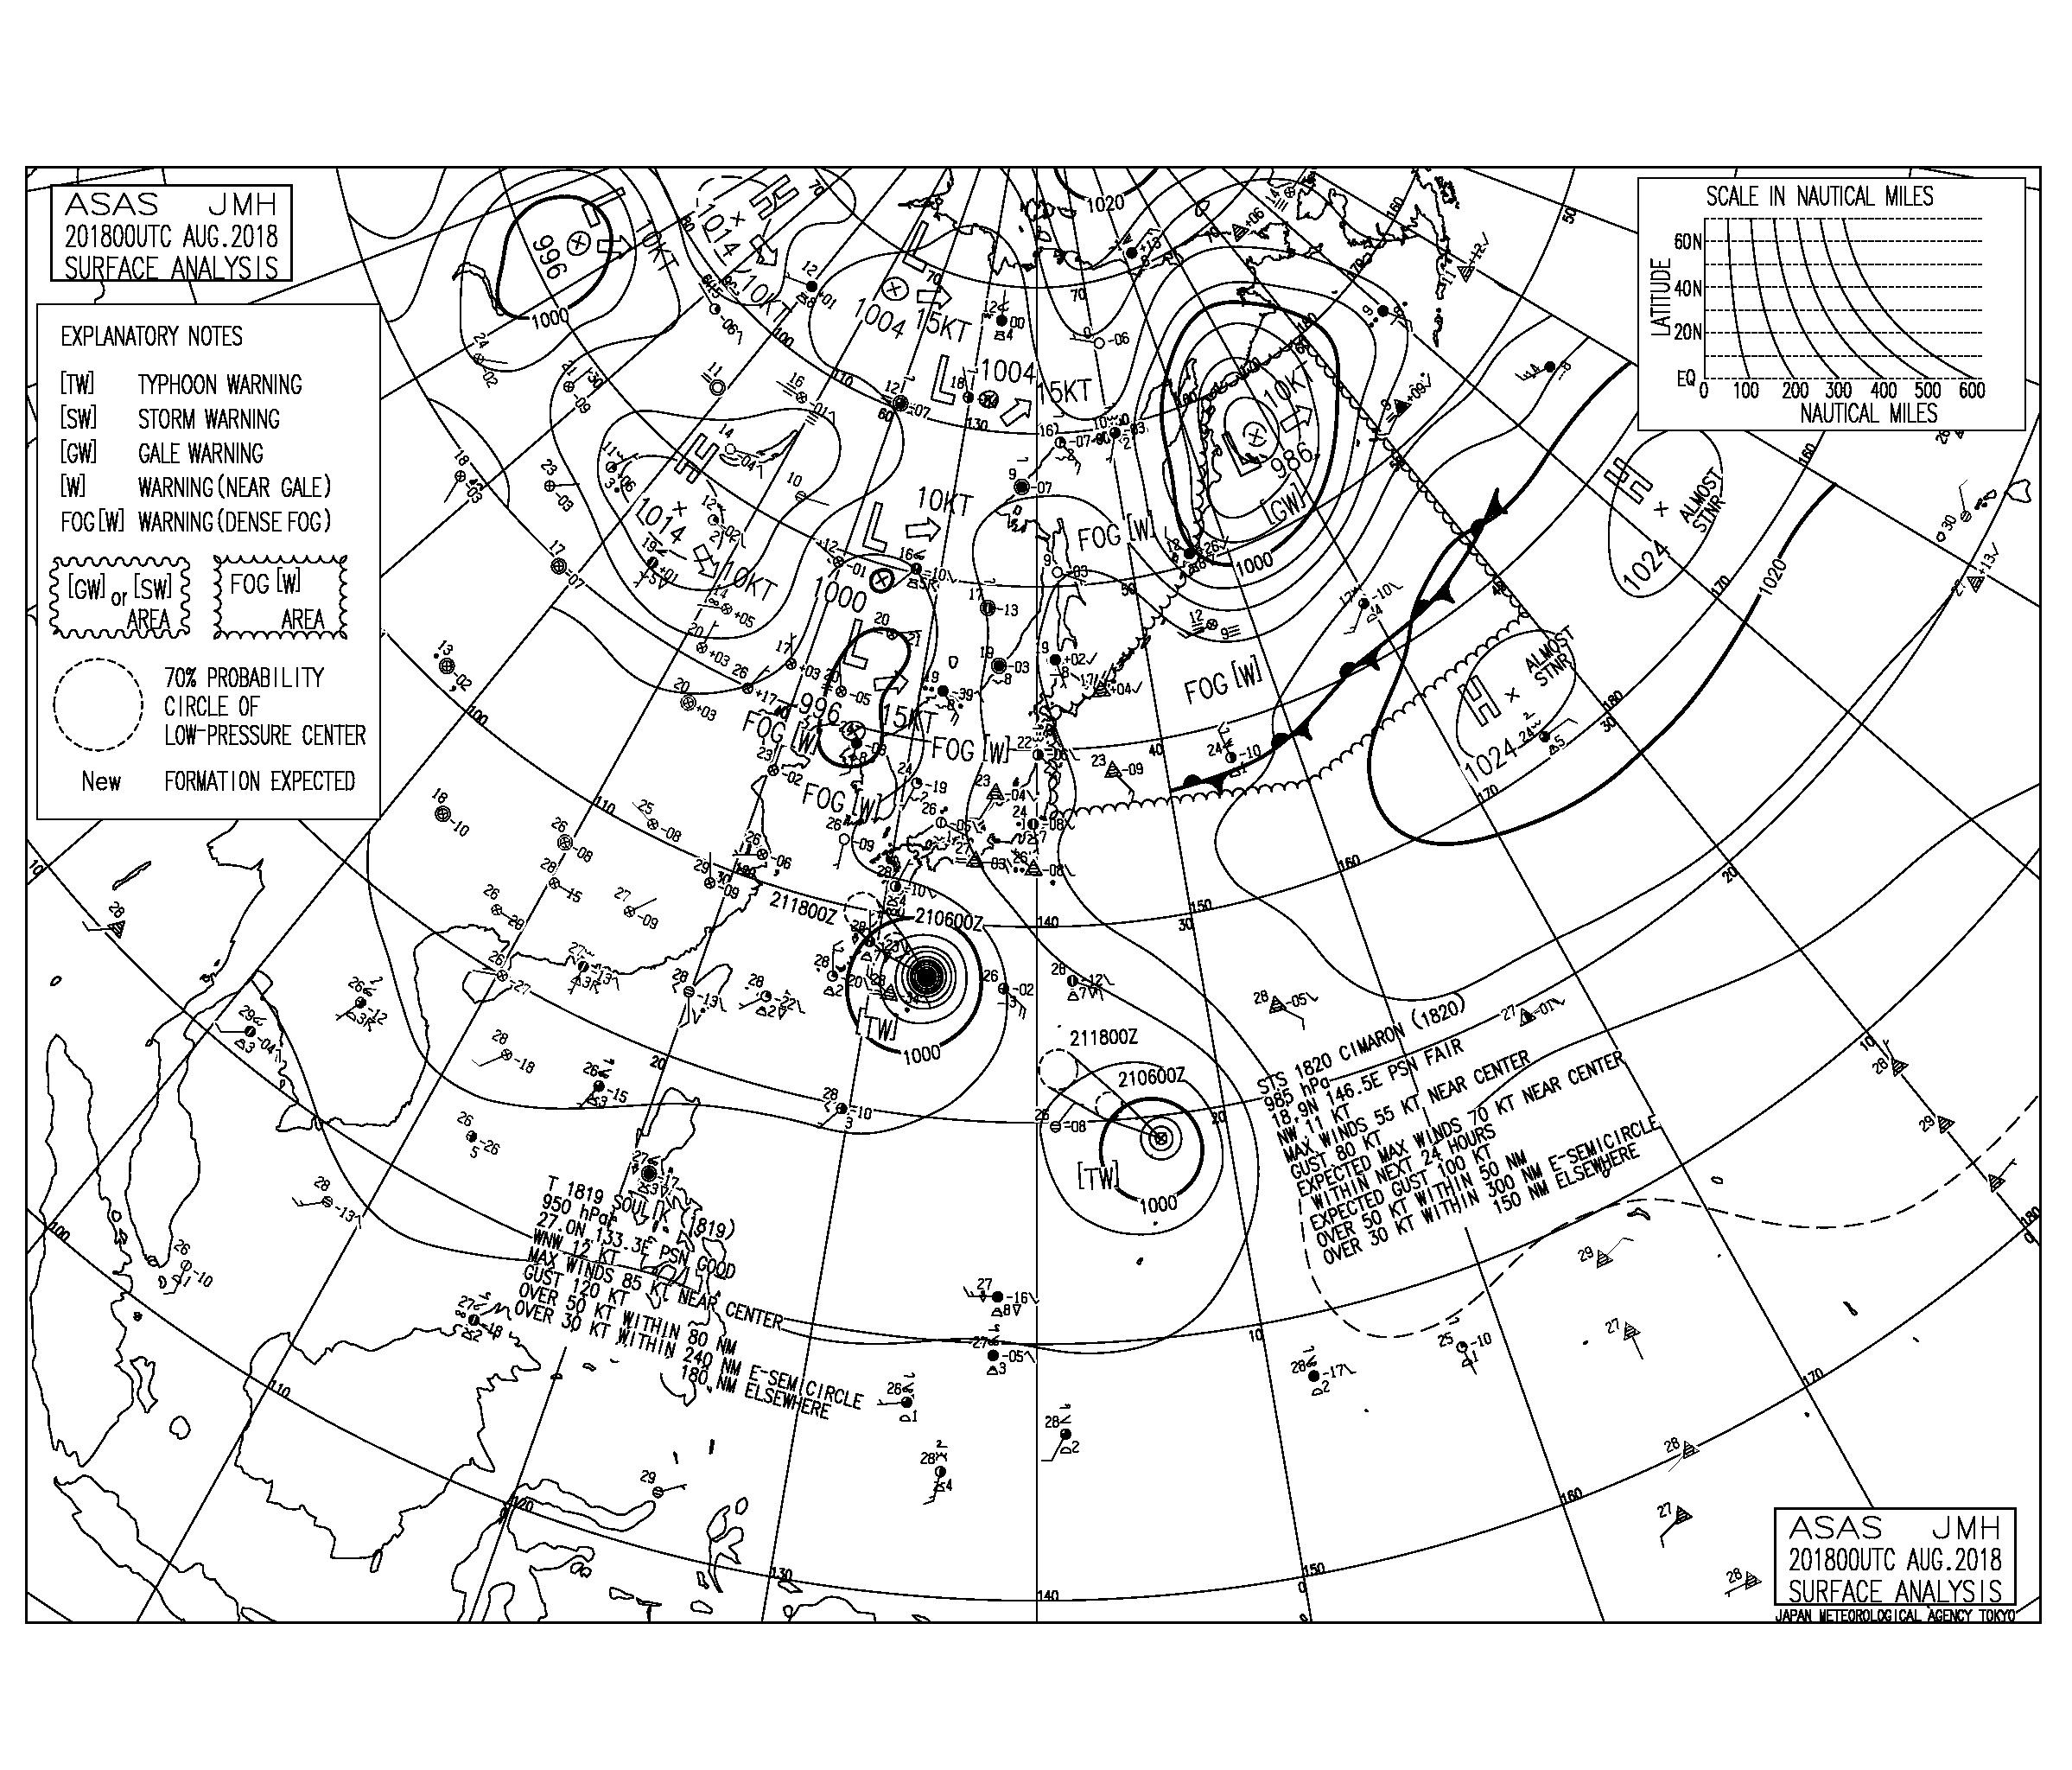 8/21 3:00 ASAS 気圧配置と波情報〜台風19号のうねりはピーク越え、明日後半から20号のうねりが入る